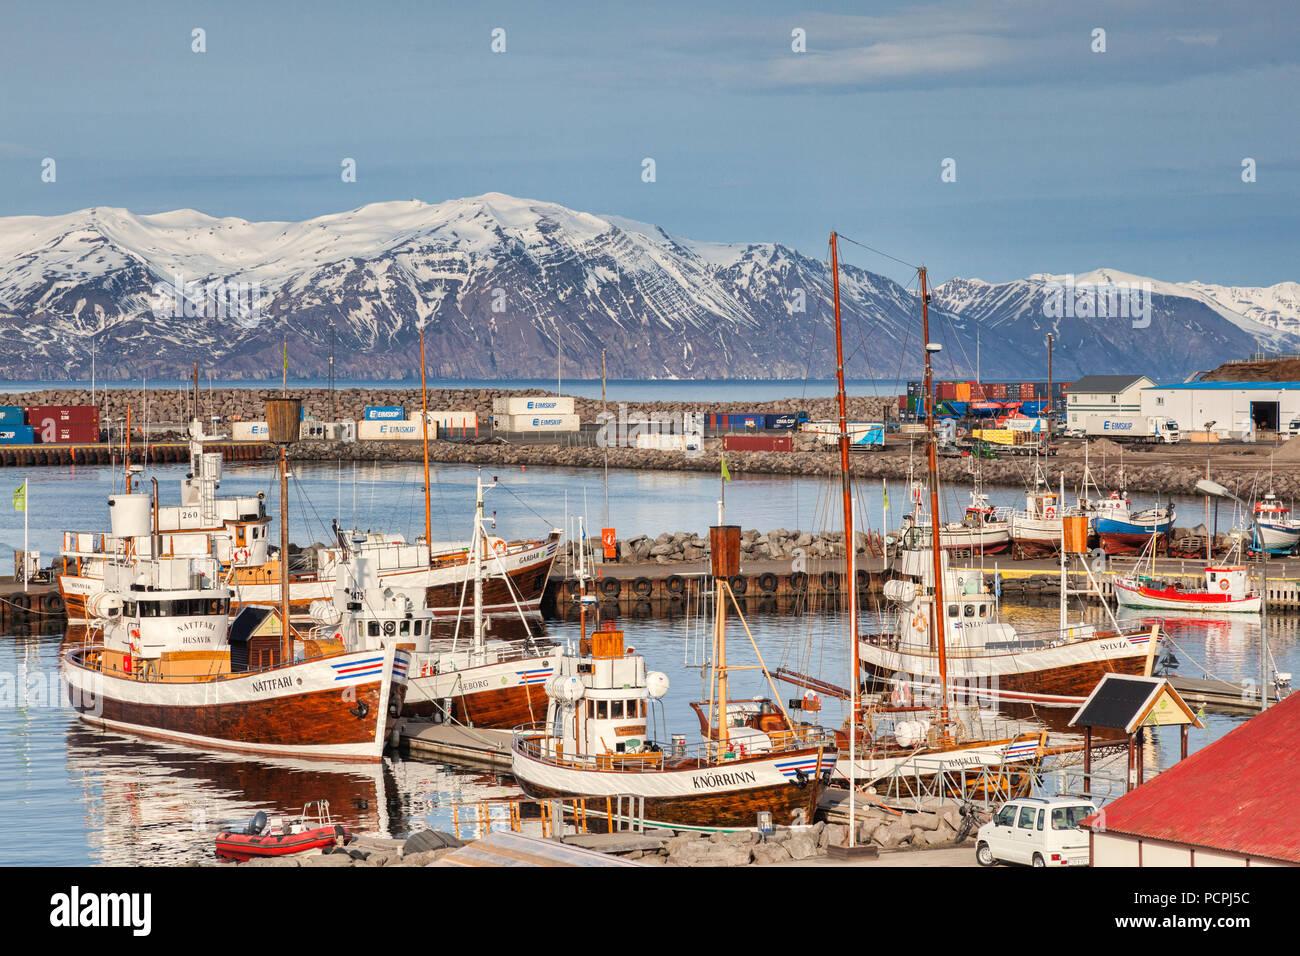 13 avril 2018: Husavik, Nord de l'Islande - Baleines bateaux dans le port par un beau jour de printemps. Photo Stock